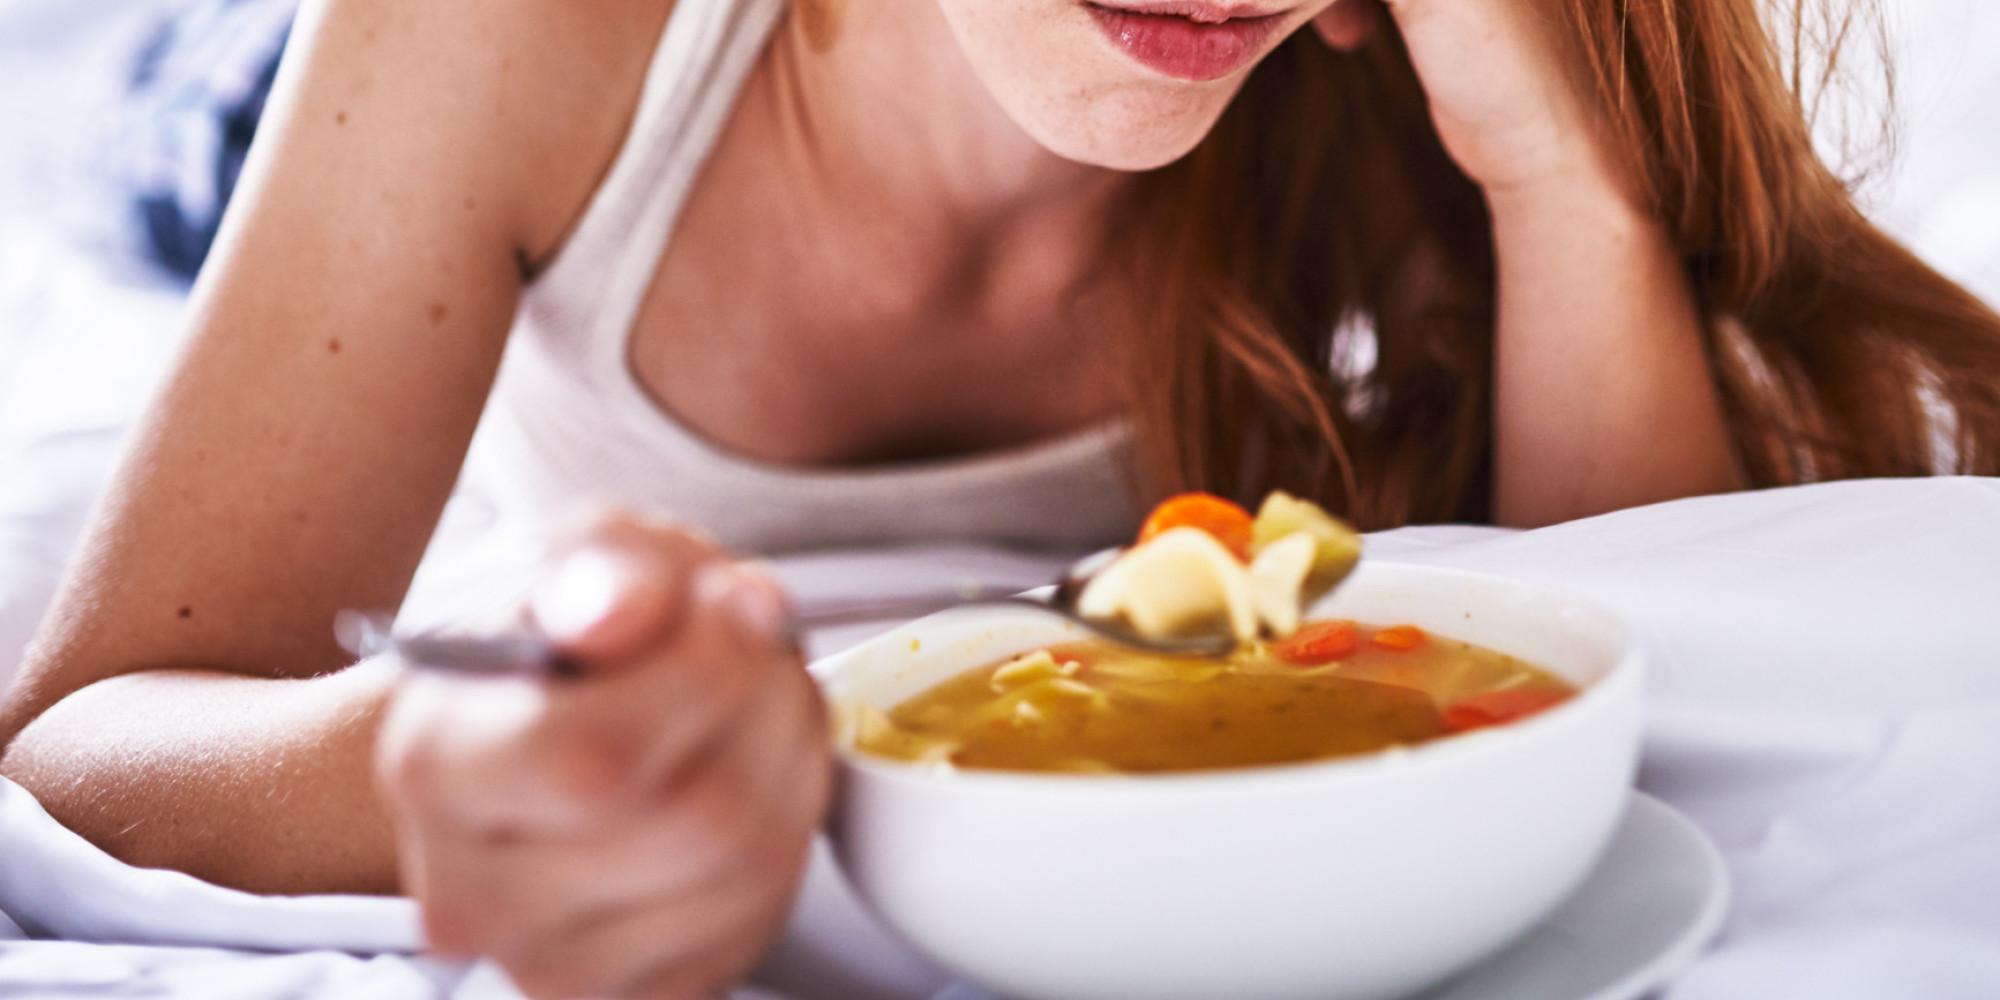 dietas malas para la salud